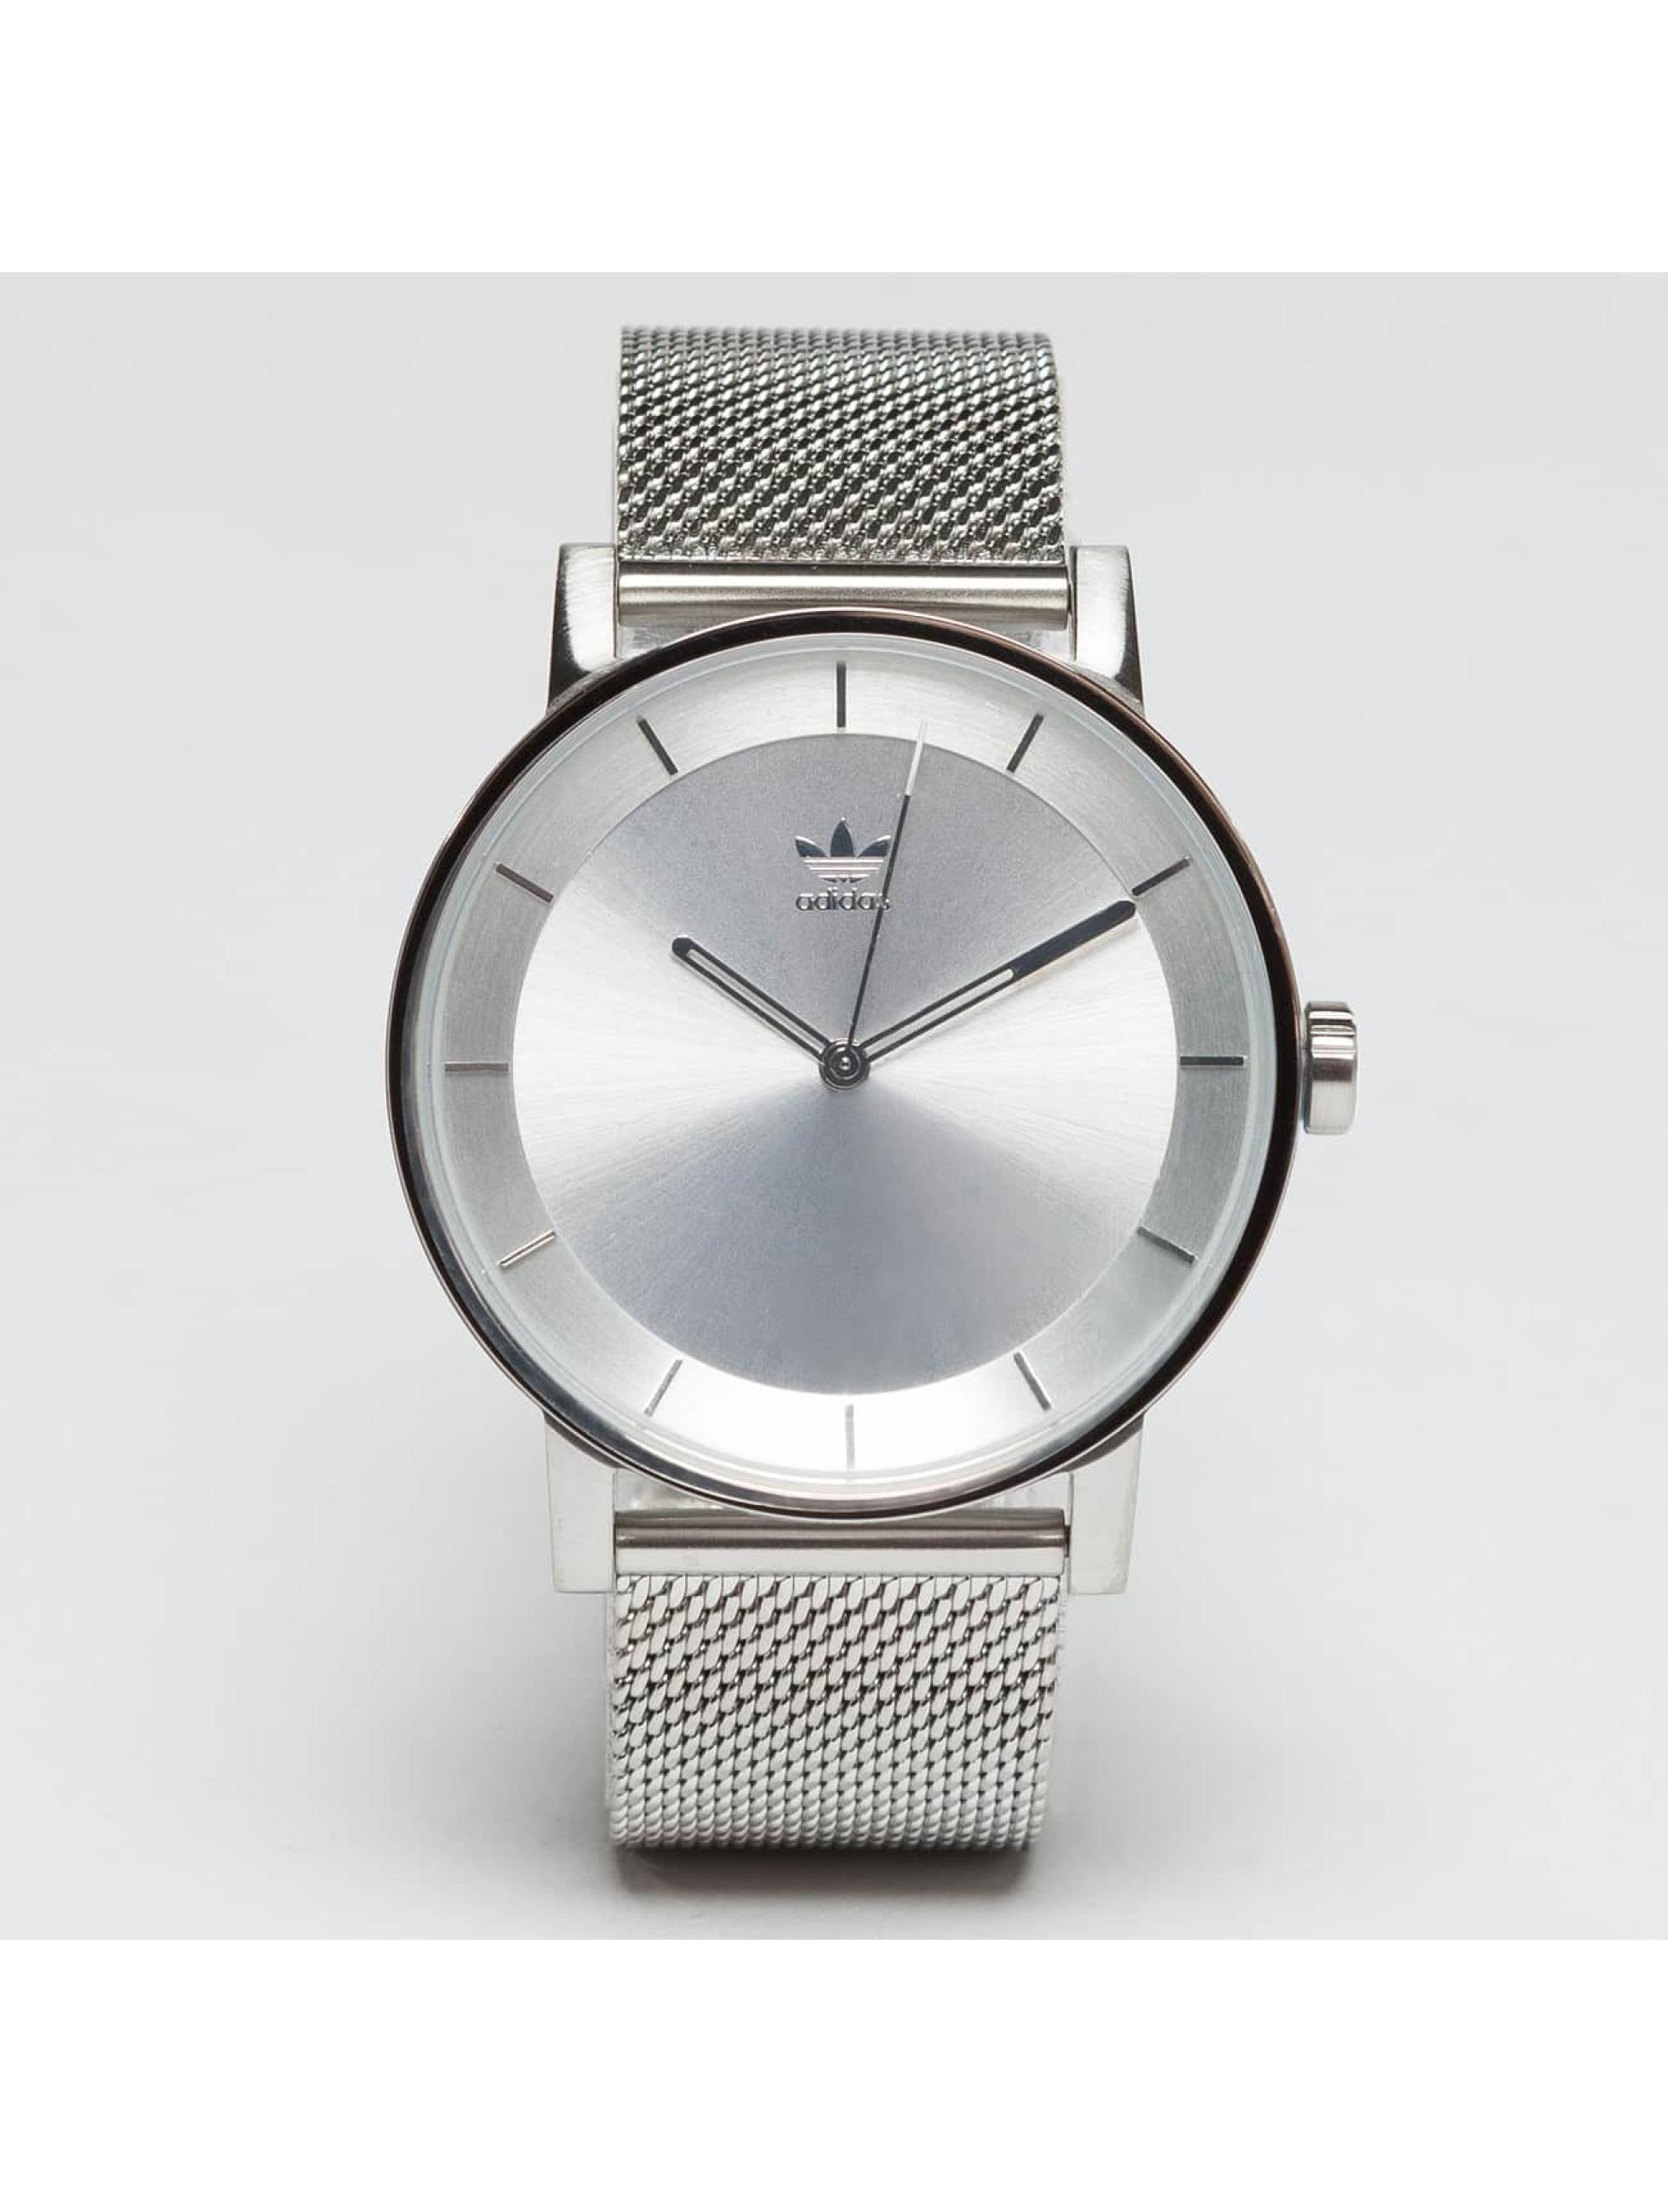 Adidas Watches Uhr District M1 silberfarben